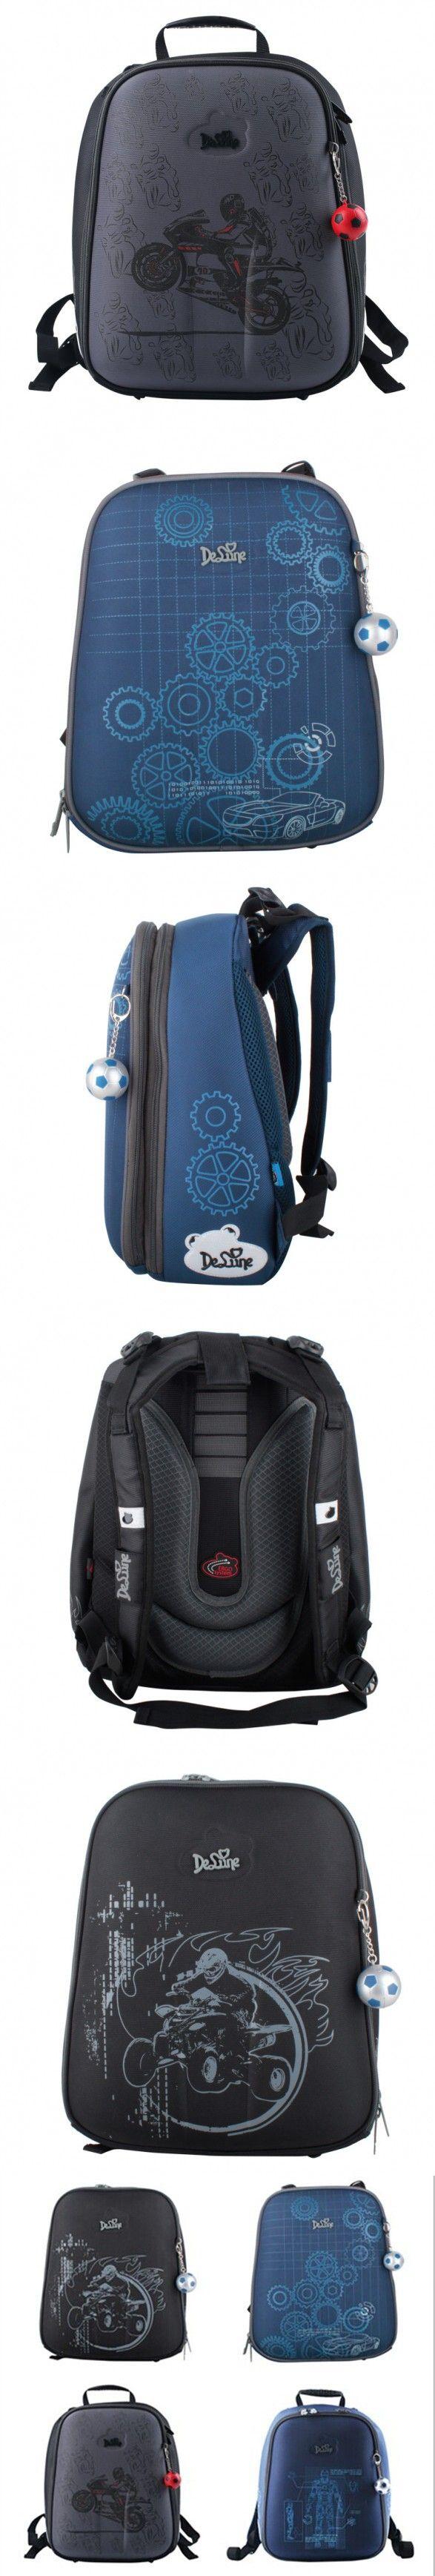 Cartoon Motorcycle Boys School Bags Orthopedic Backpacks Primary School Portfolio Kids Satchel Children Waterproof Schoolbag